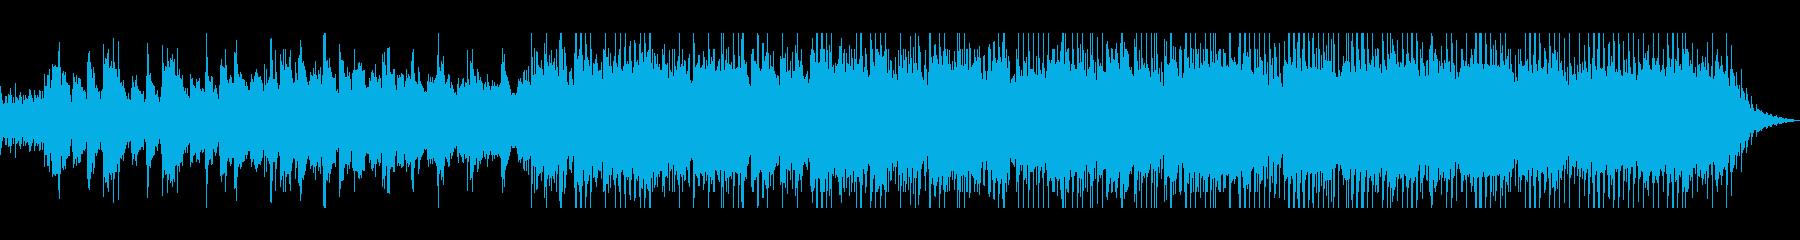 生演奏のアコーディオンが心地よい曲の再生済みの波形